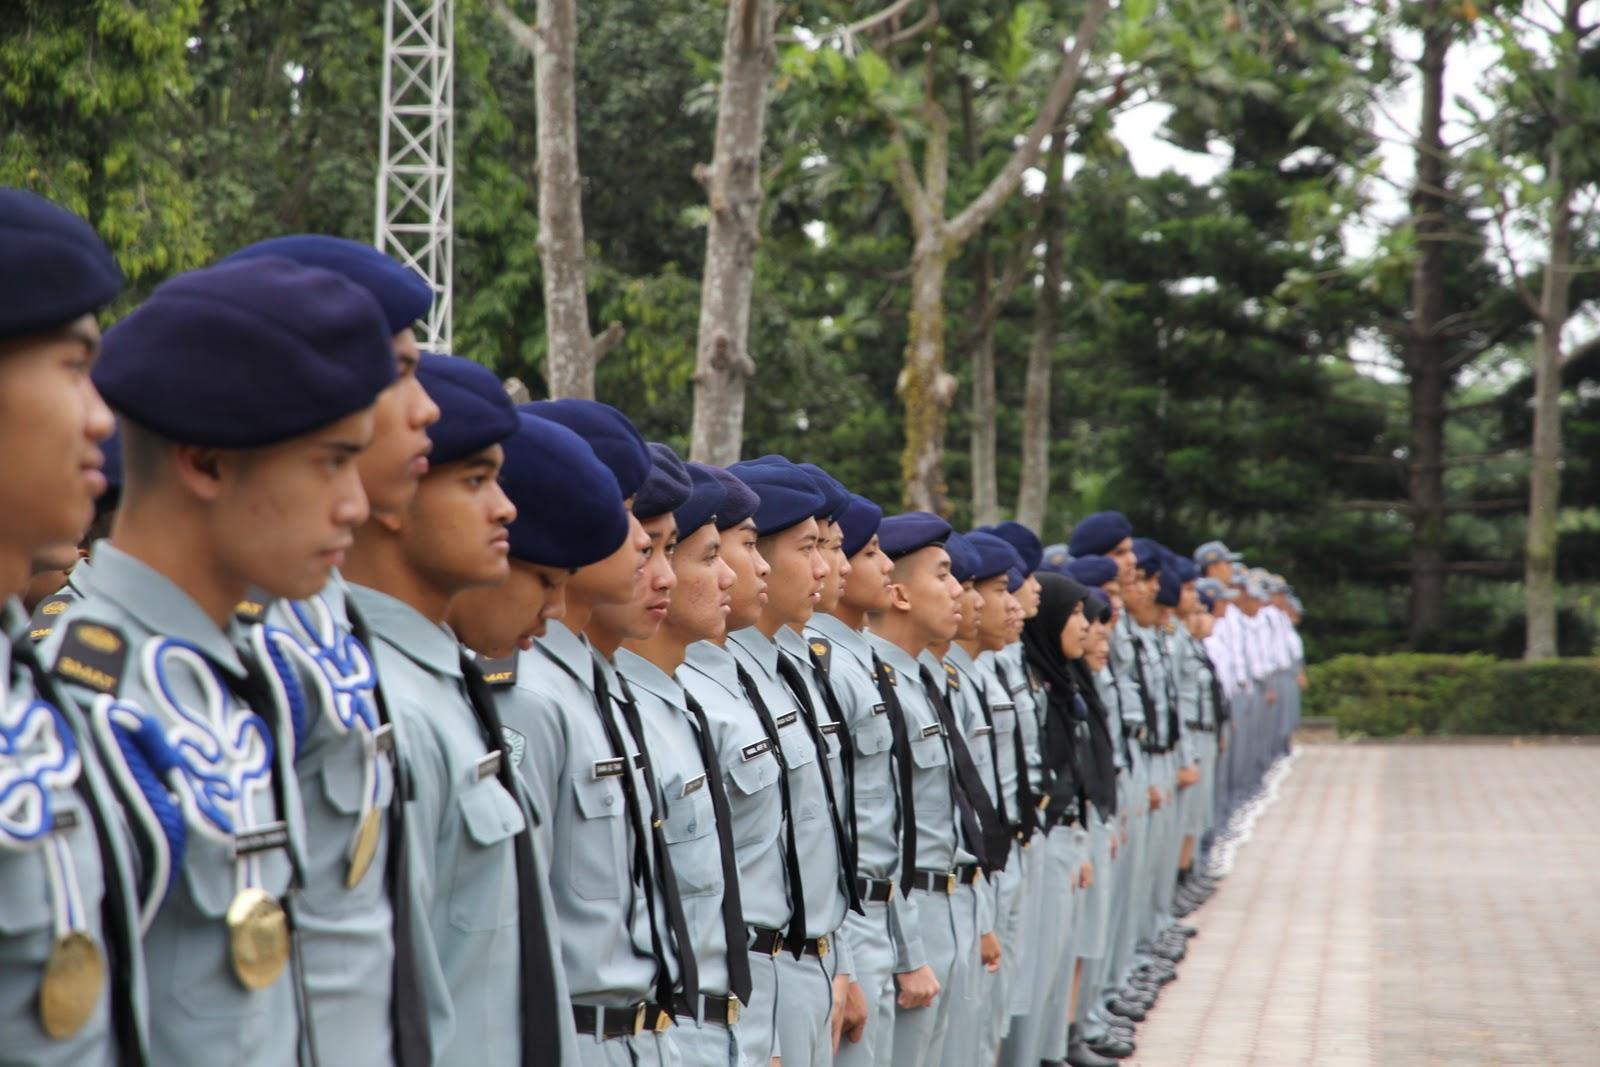 INFORMASI PENDAFTARAN SISWA BARU TP 2012/2013